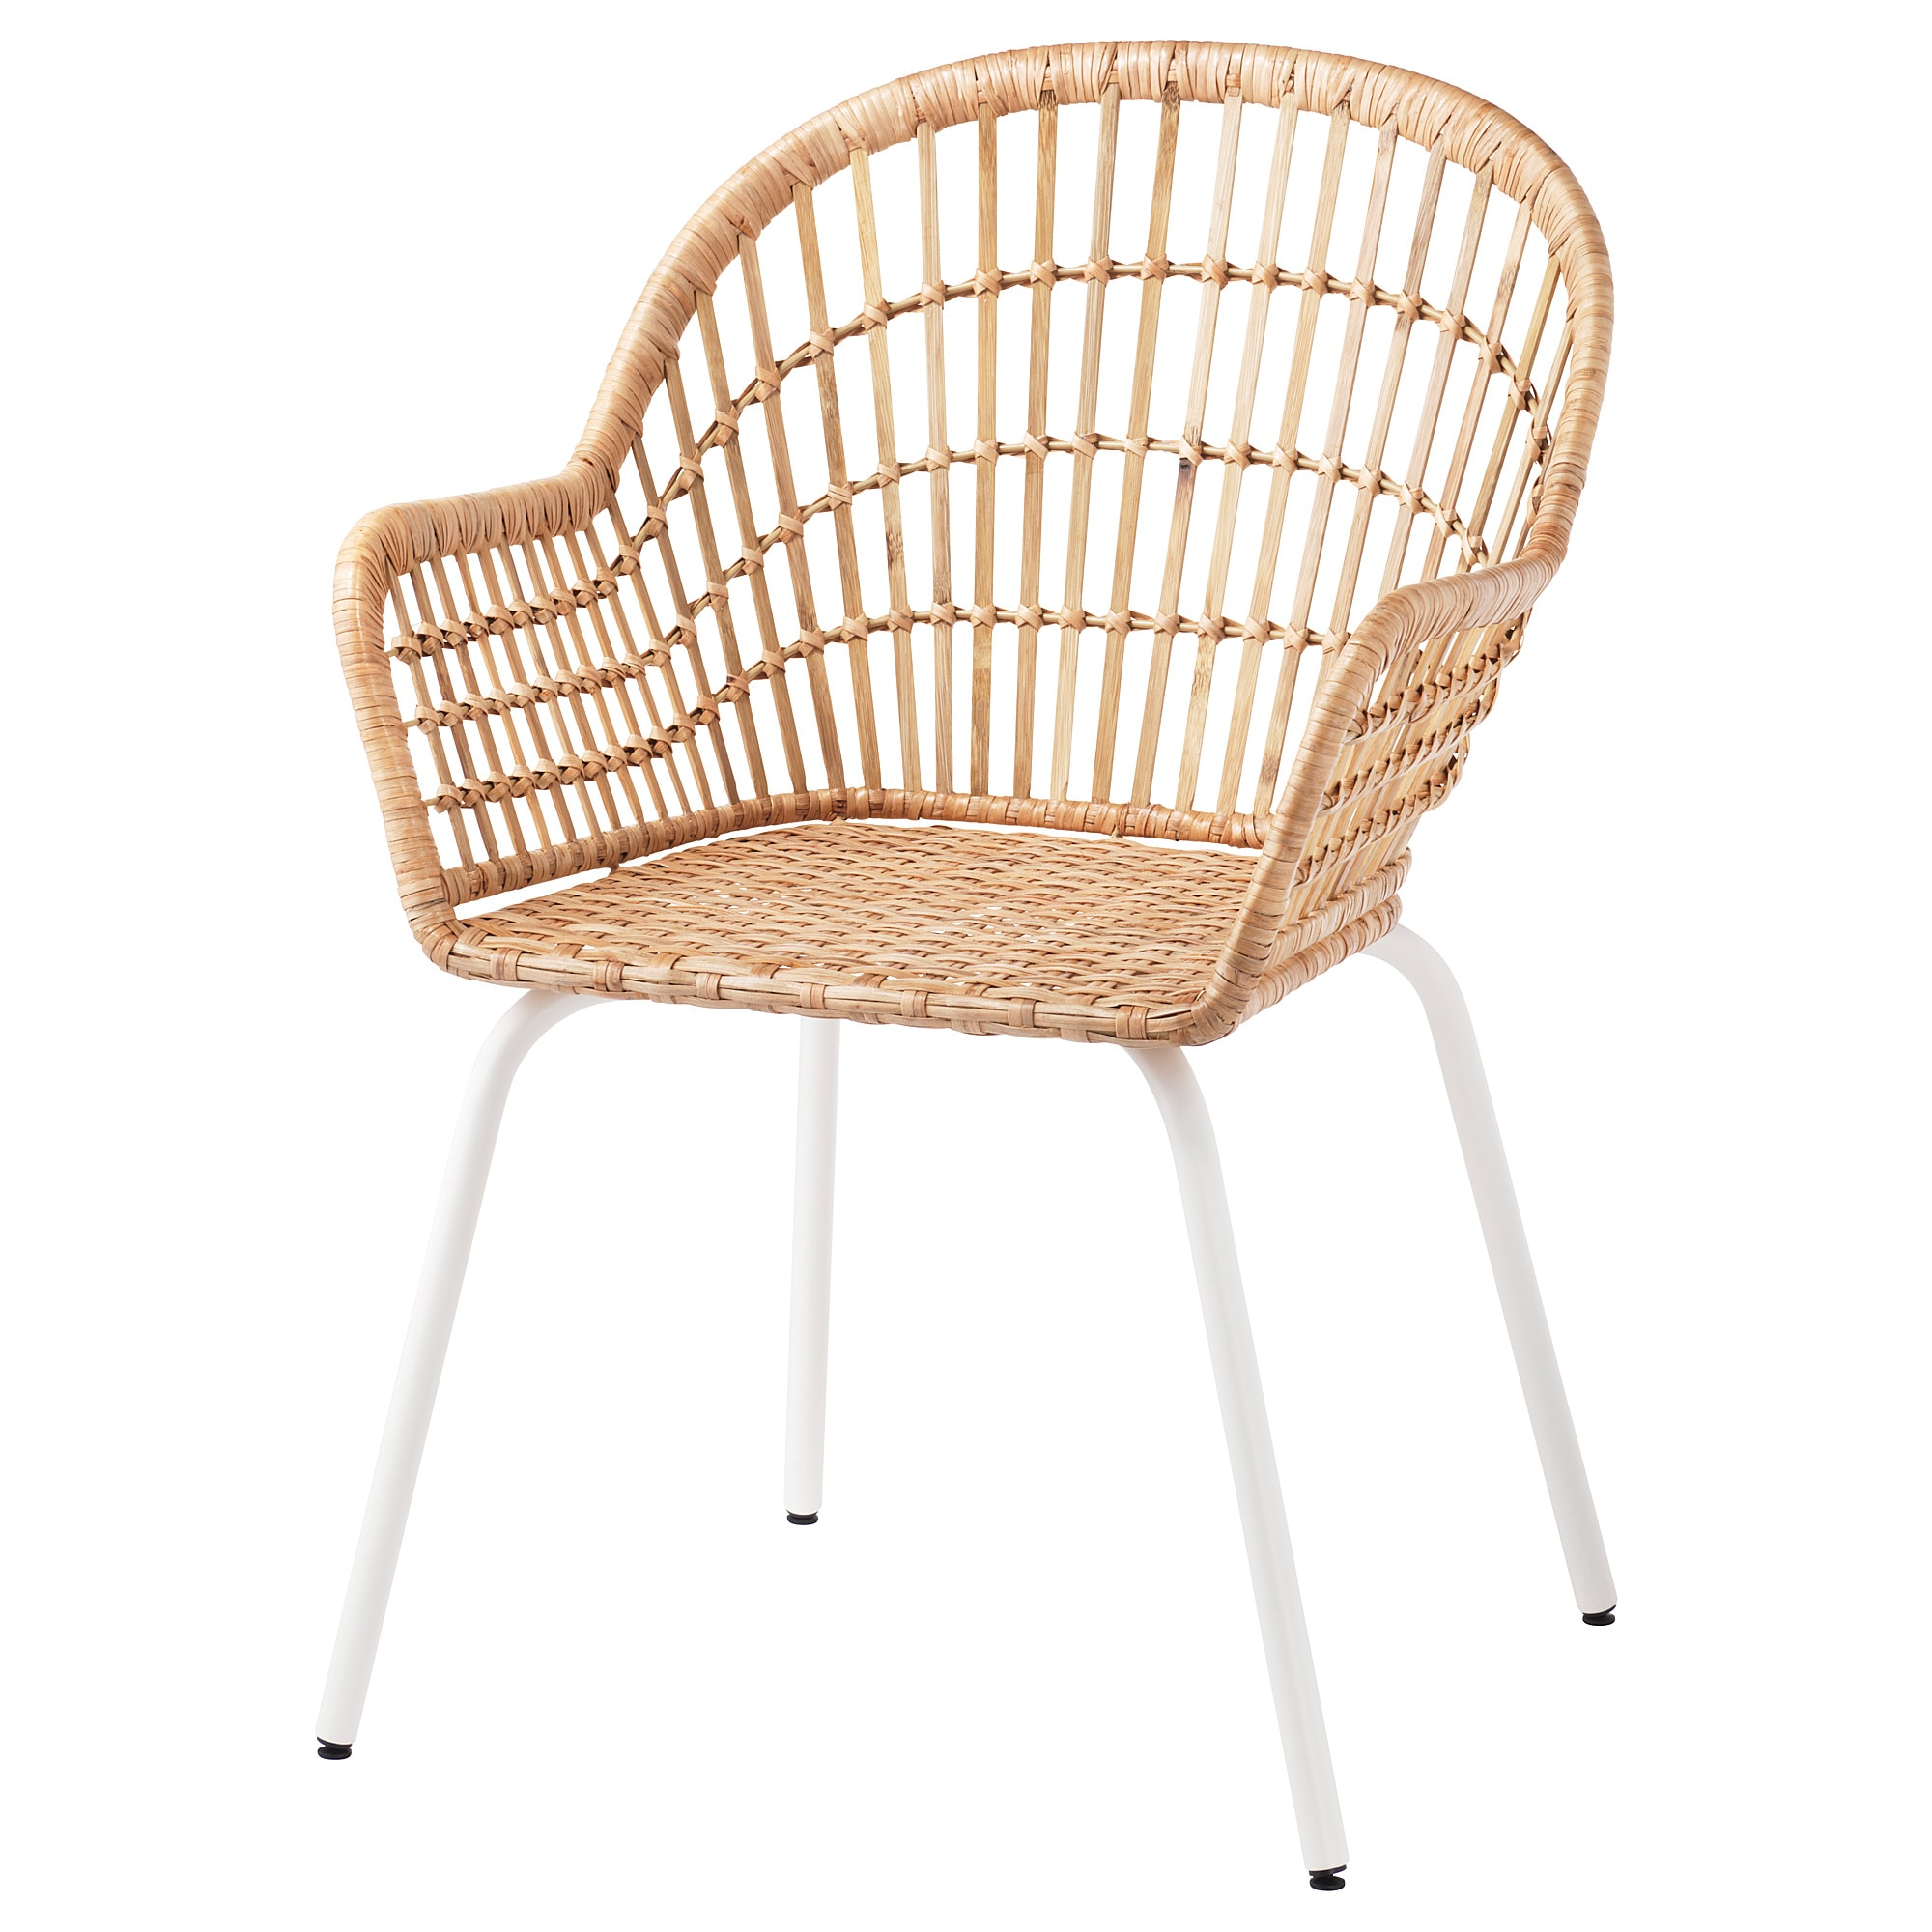 NILSOVE Armlehnstuhl Rattan, weiß   Stühle, Armlehnstuhl ...